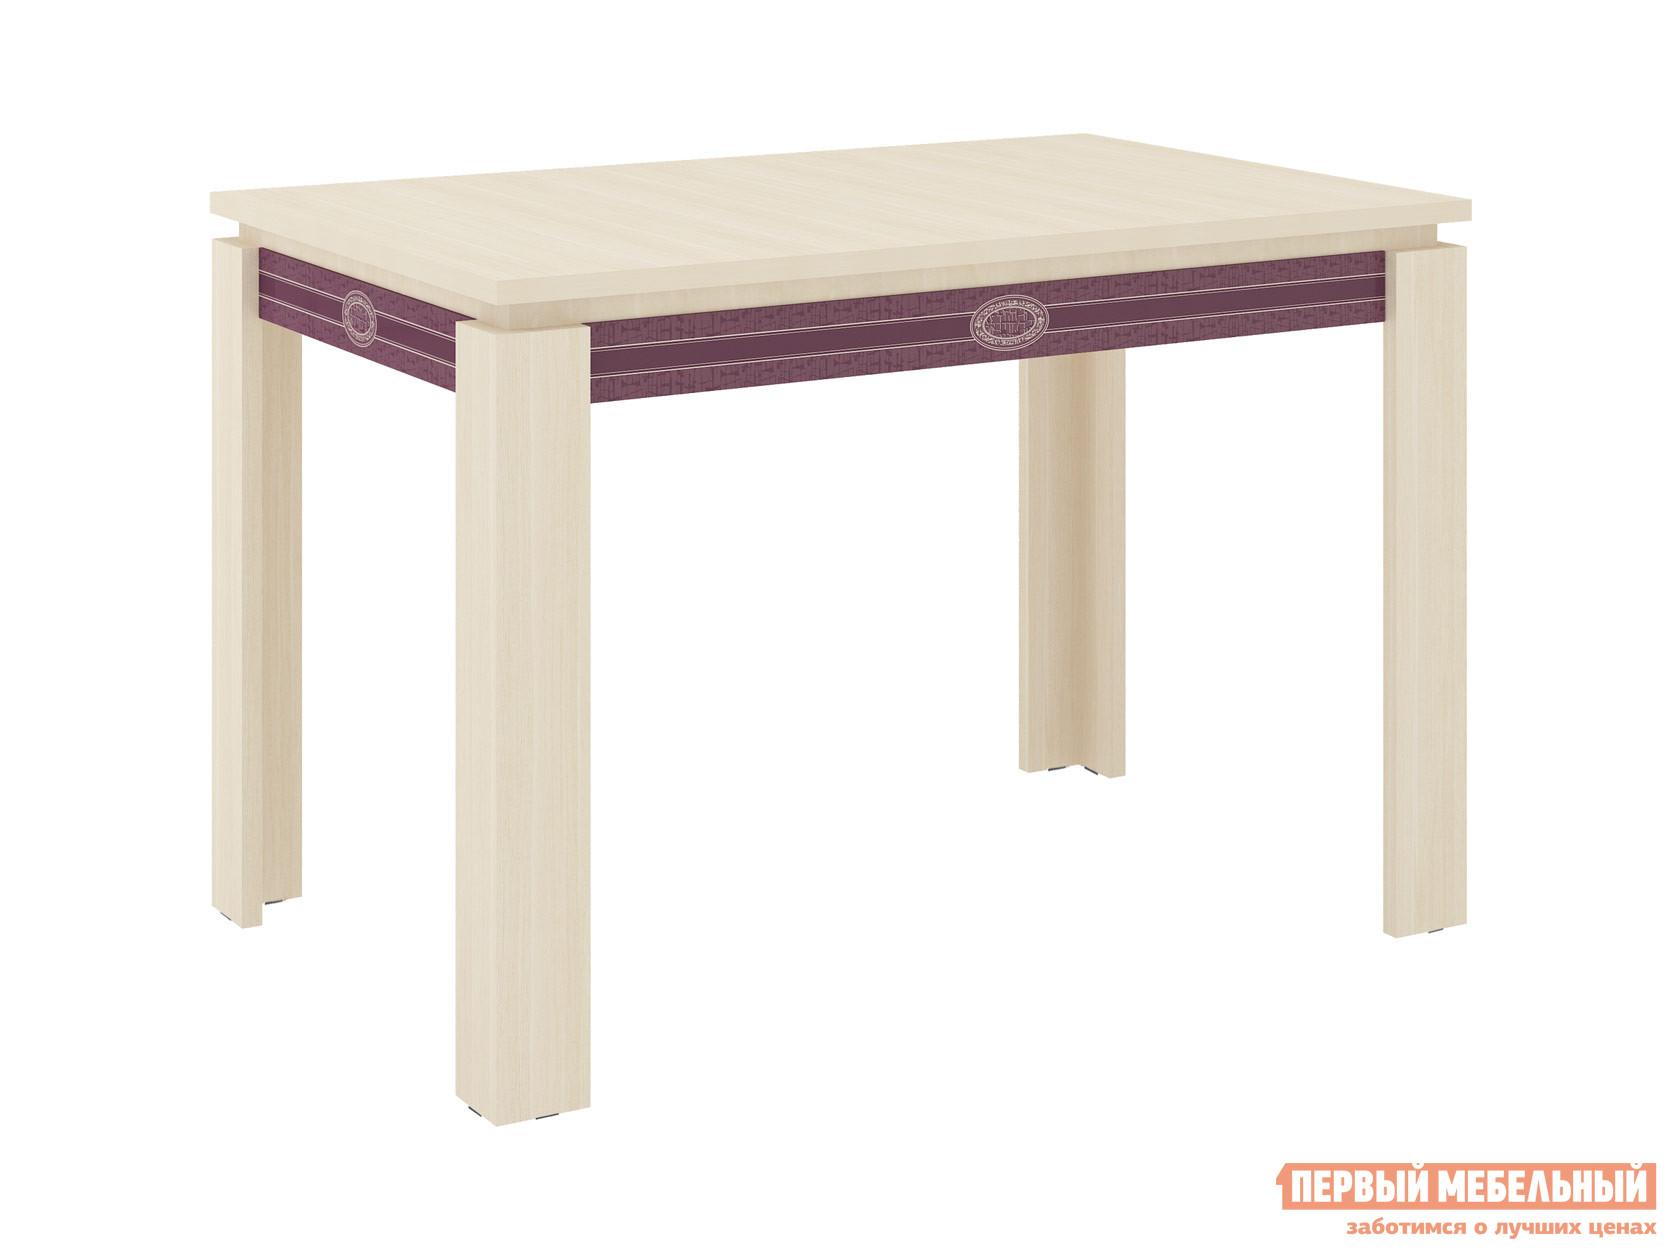 Обеденный стол Витра Орфей-15.12 витра кухонный стол витра орфей 1 2 венге